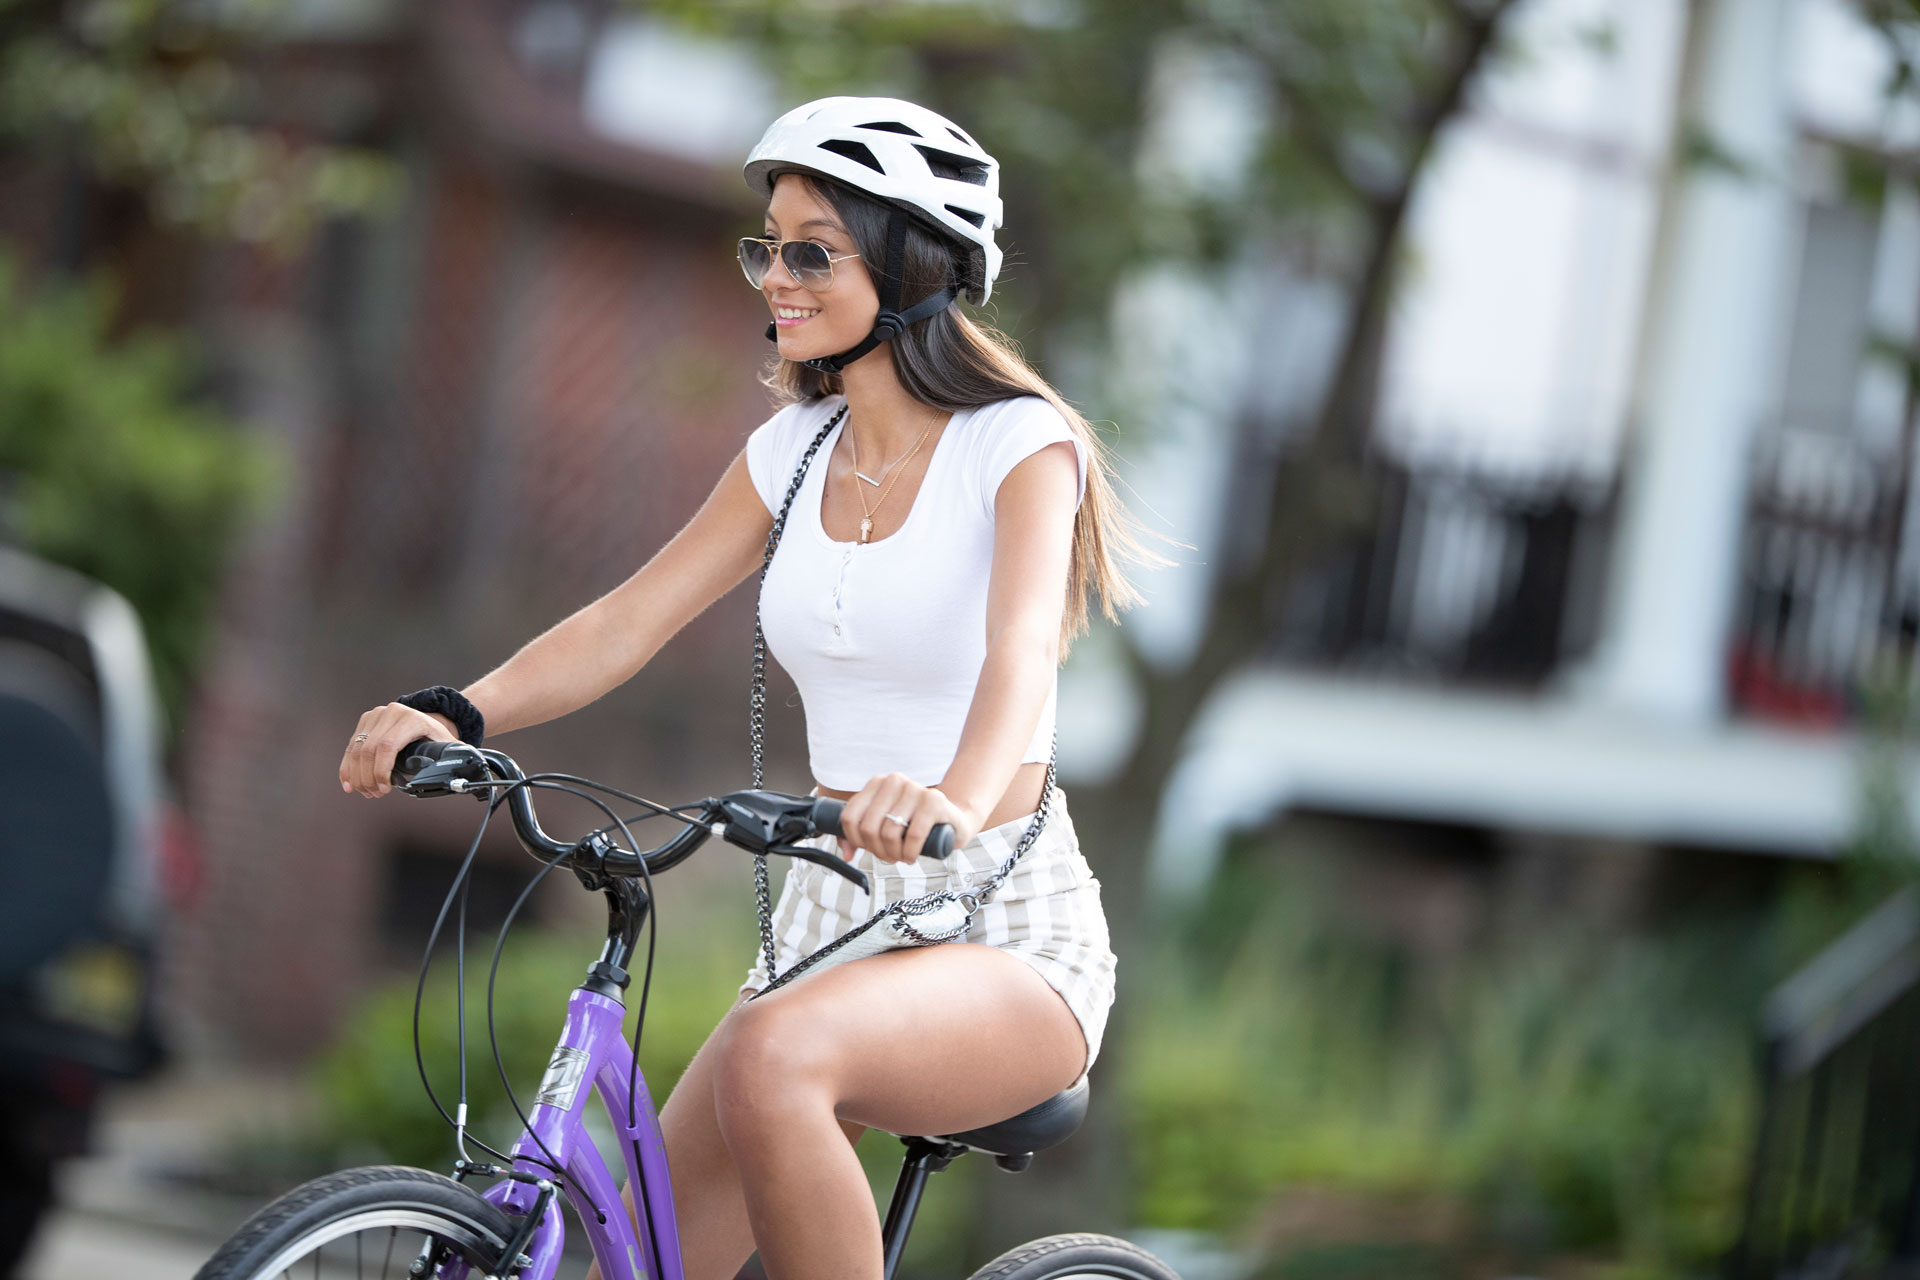 New Bicycles OKC - Best OKC Bike Shop